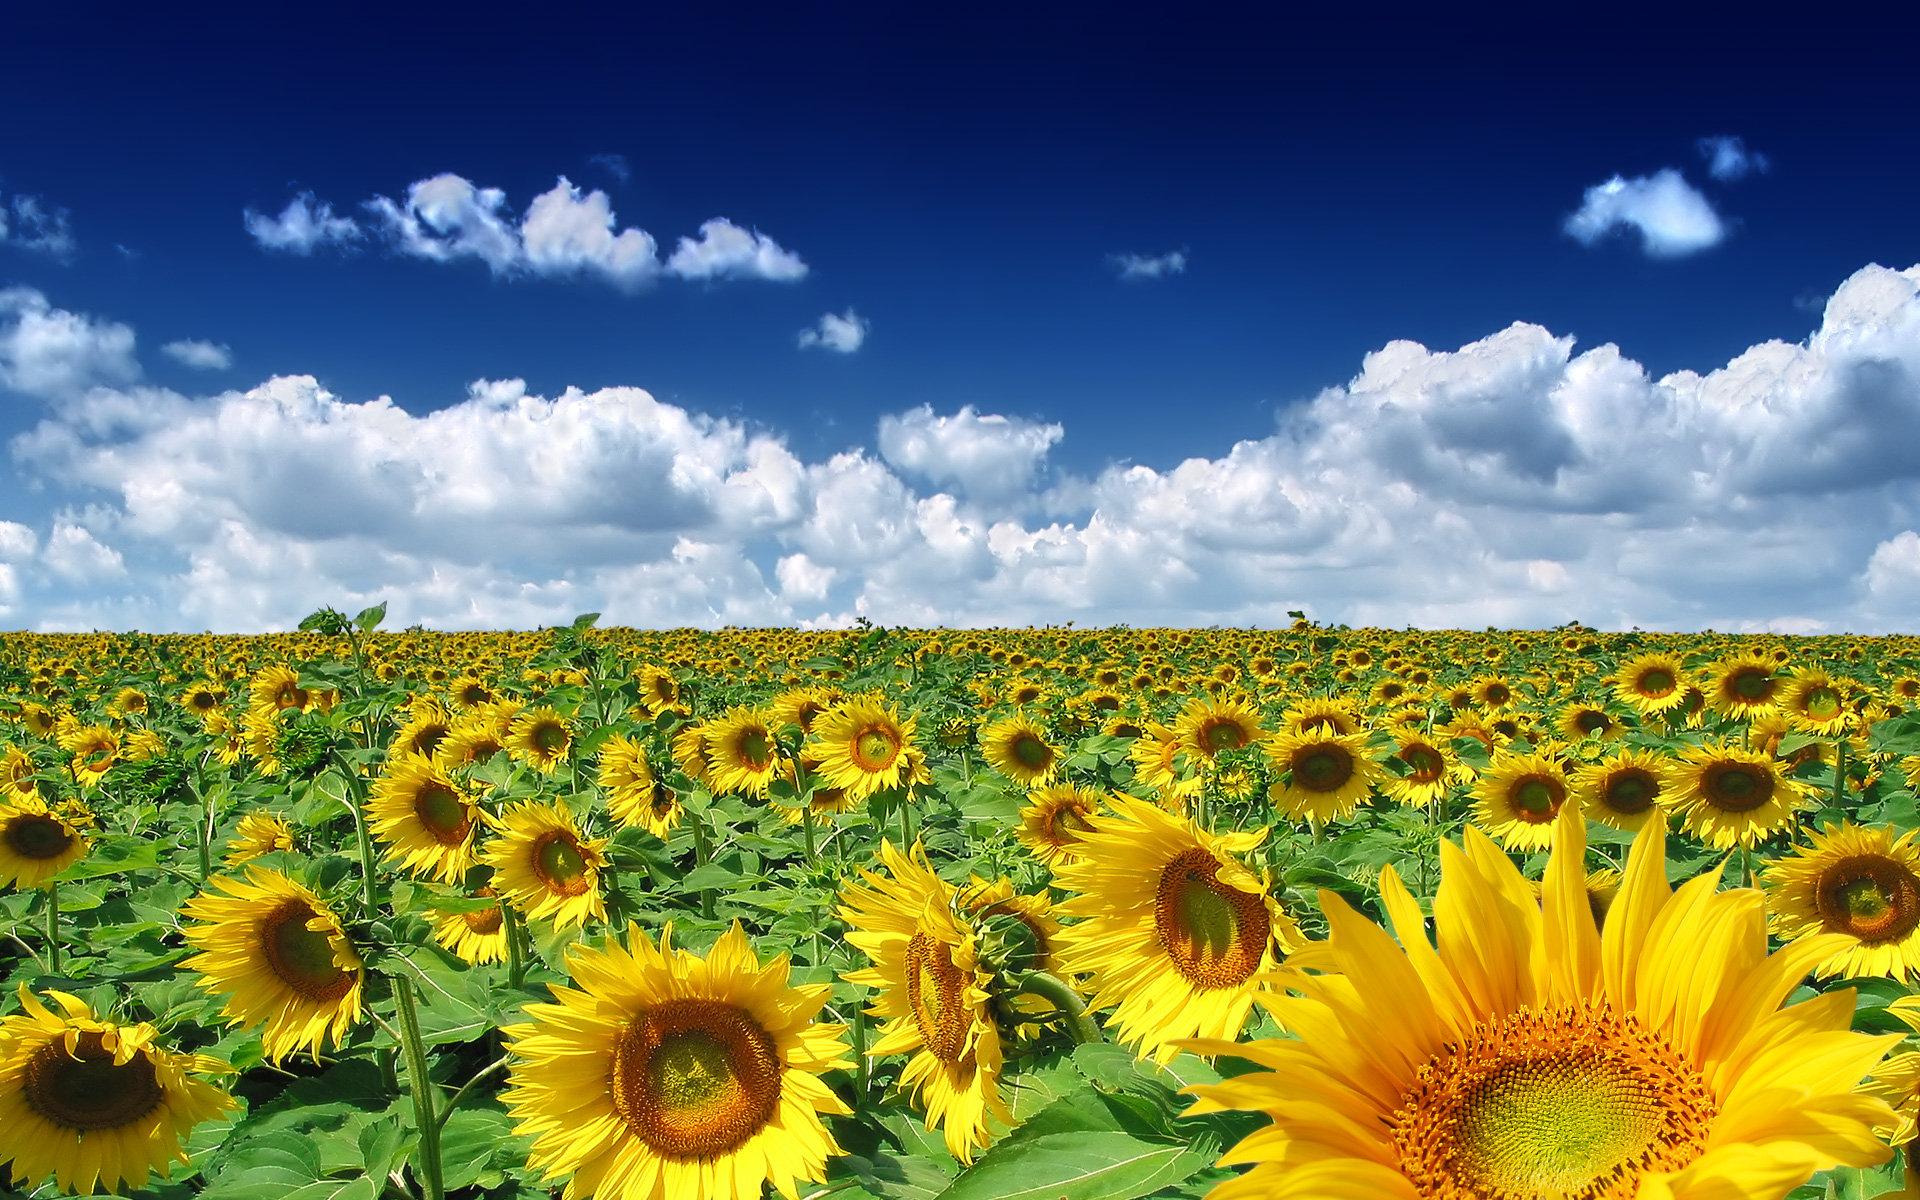 Download: Summer Sunflowers HD Wallpaper